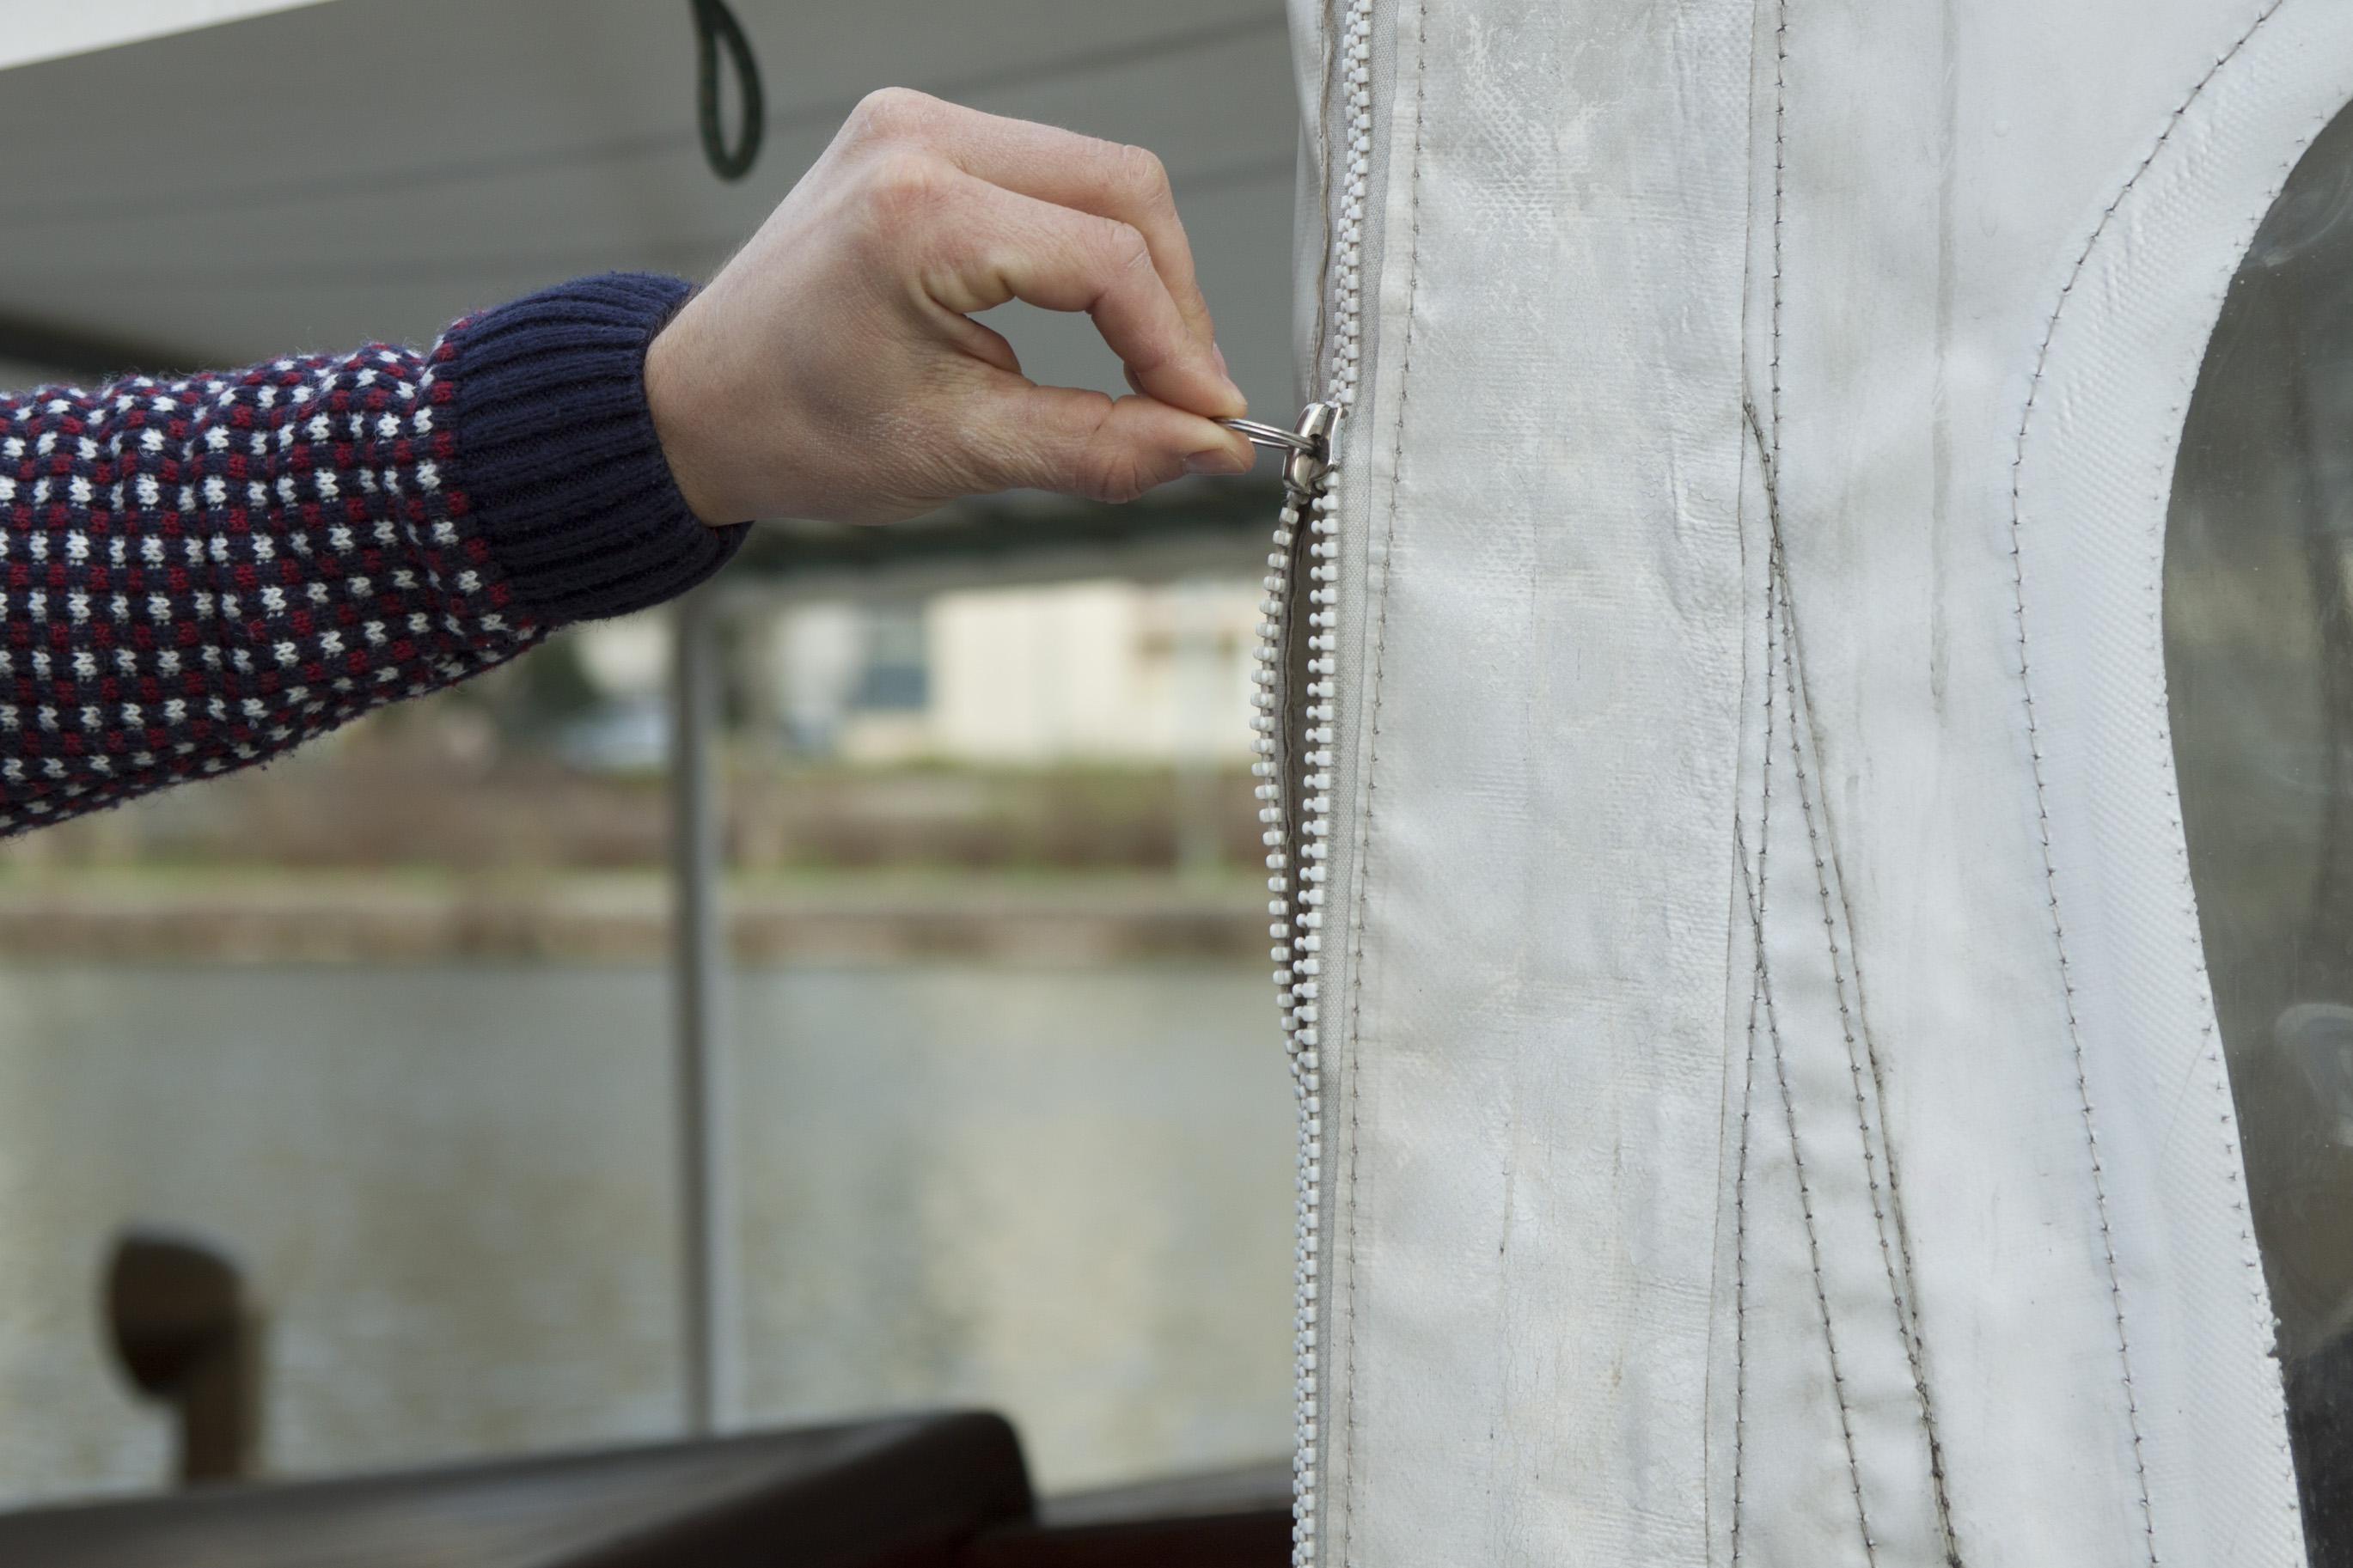 fermeture en plastique sur un bateau